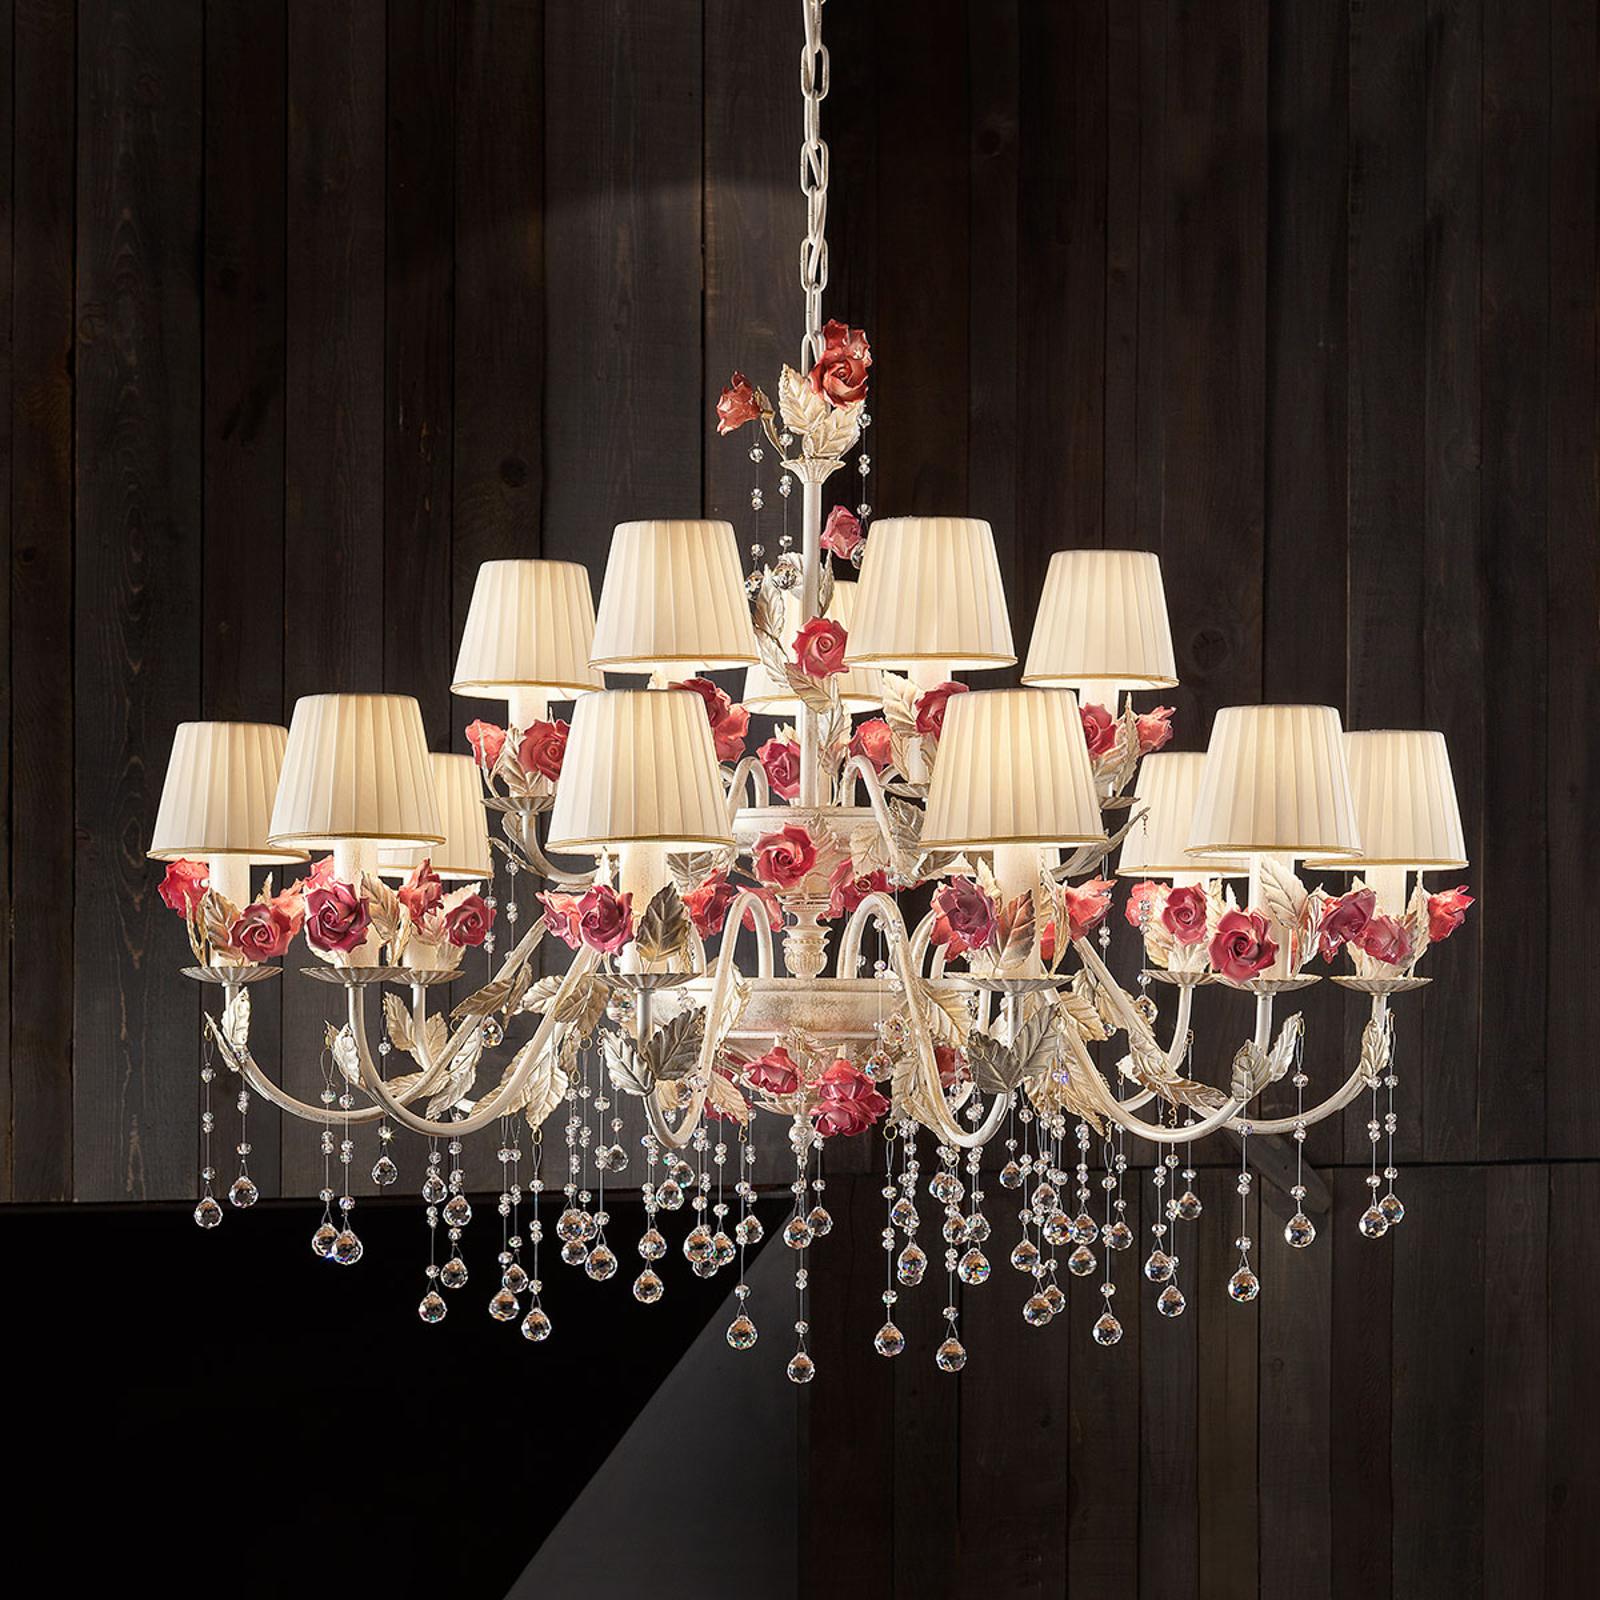 Effektfull lampkrona Fiore med 15 ljuskällor